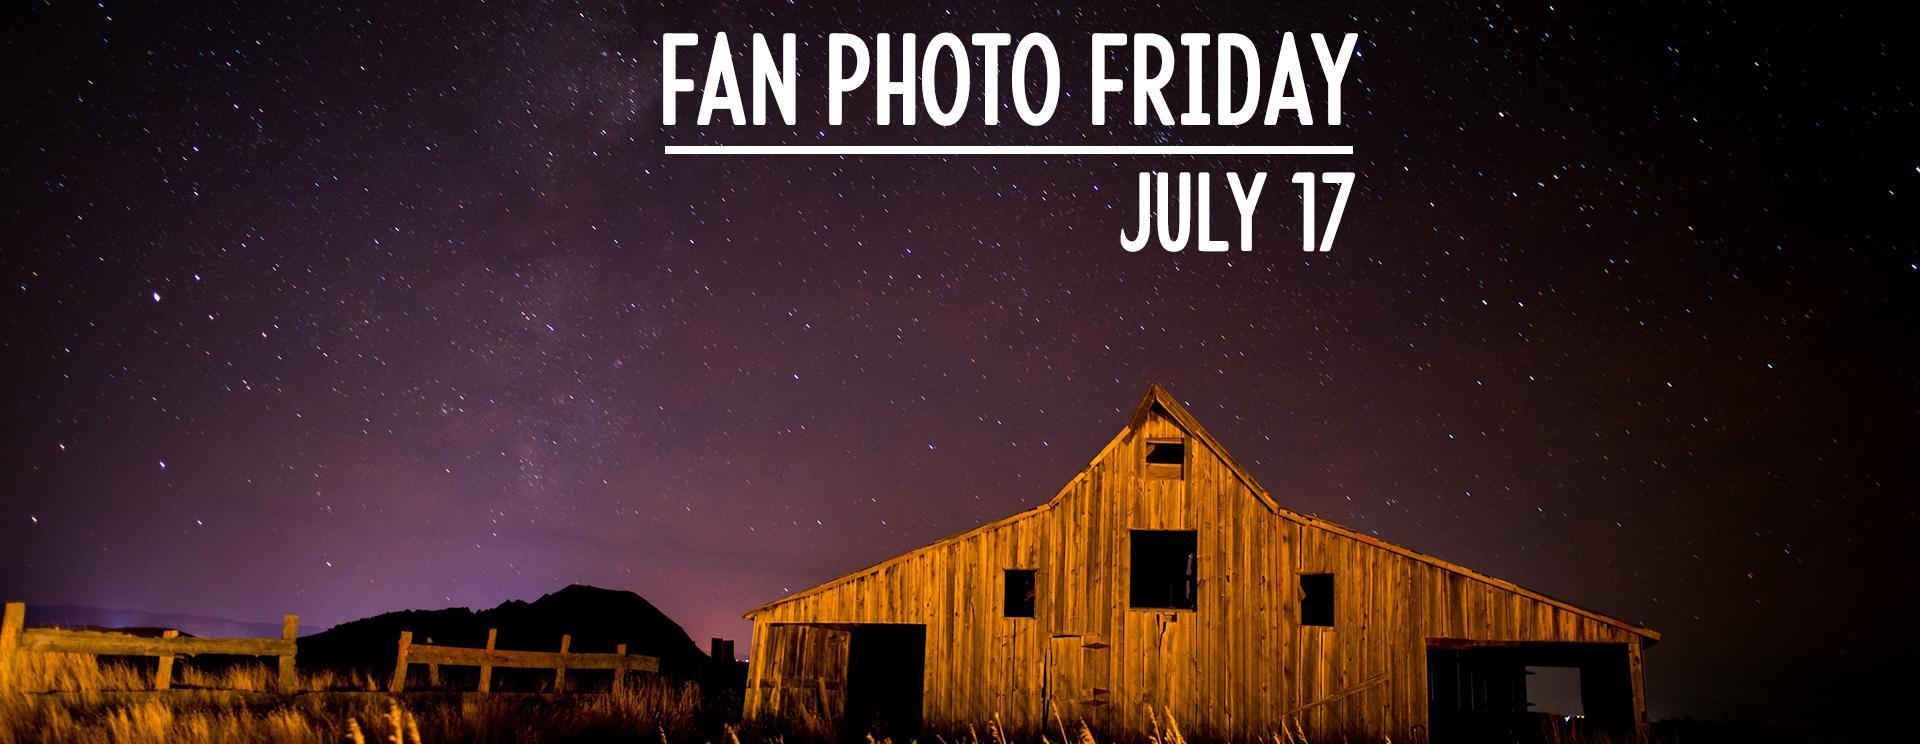 Fan Photo Friday | July 17, 2020